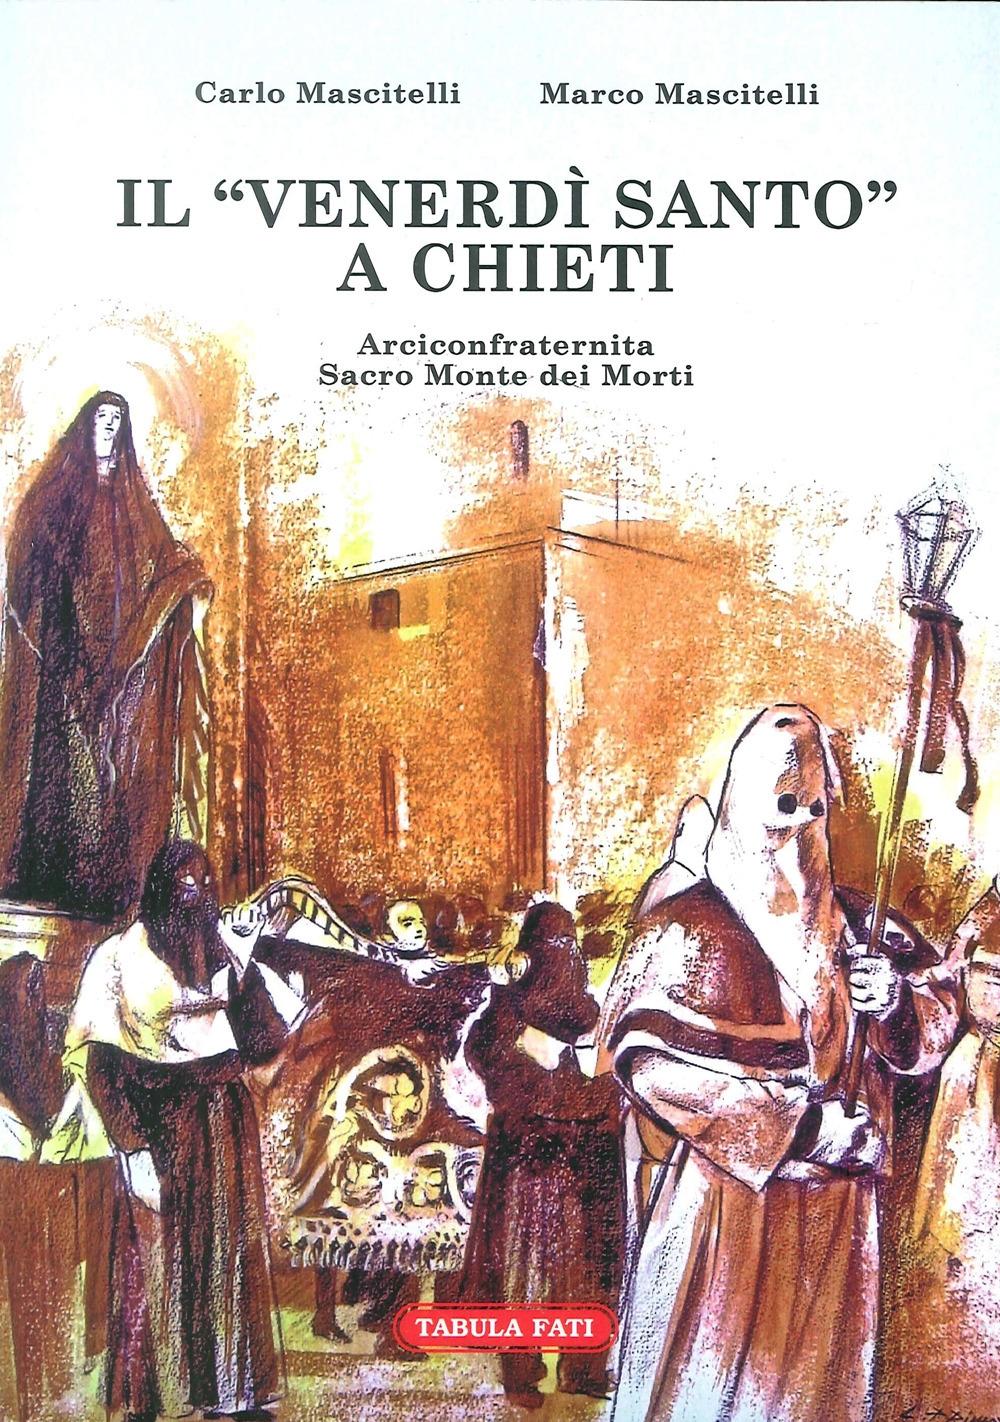 Il Venerdi Santo a Chieti. Arciconfraternita Sacro Monte dei Morti